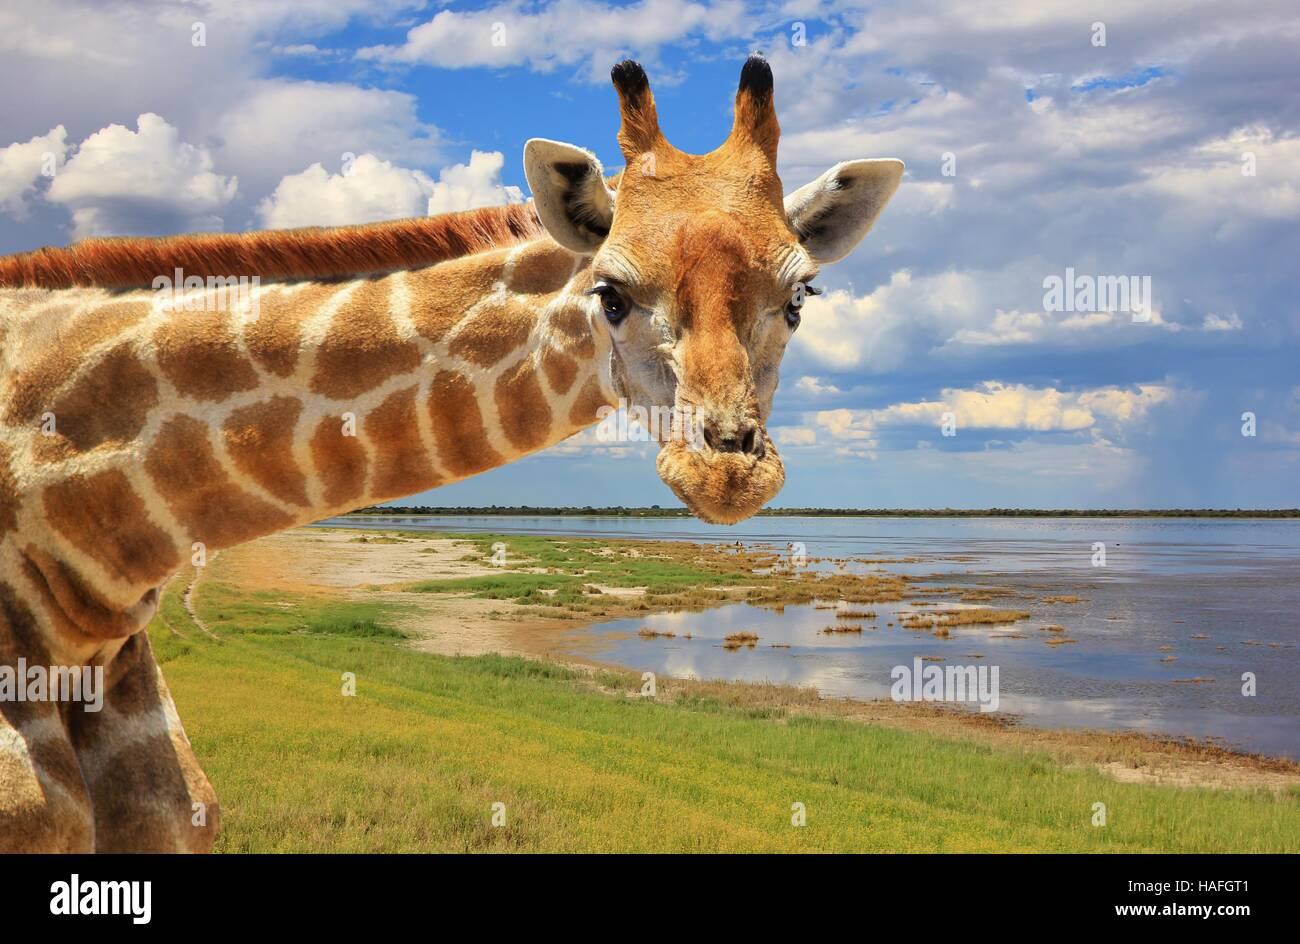 Jirafa - fauna africana en la selva. Imagen De Stock